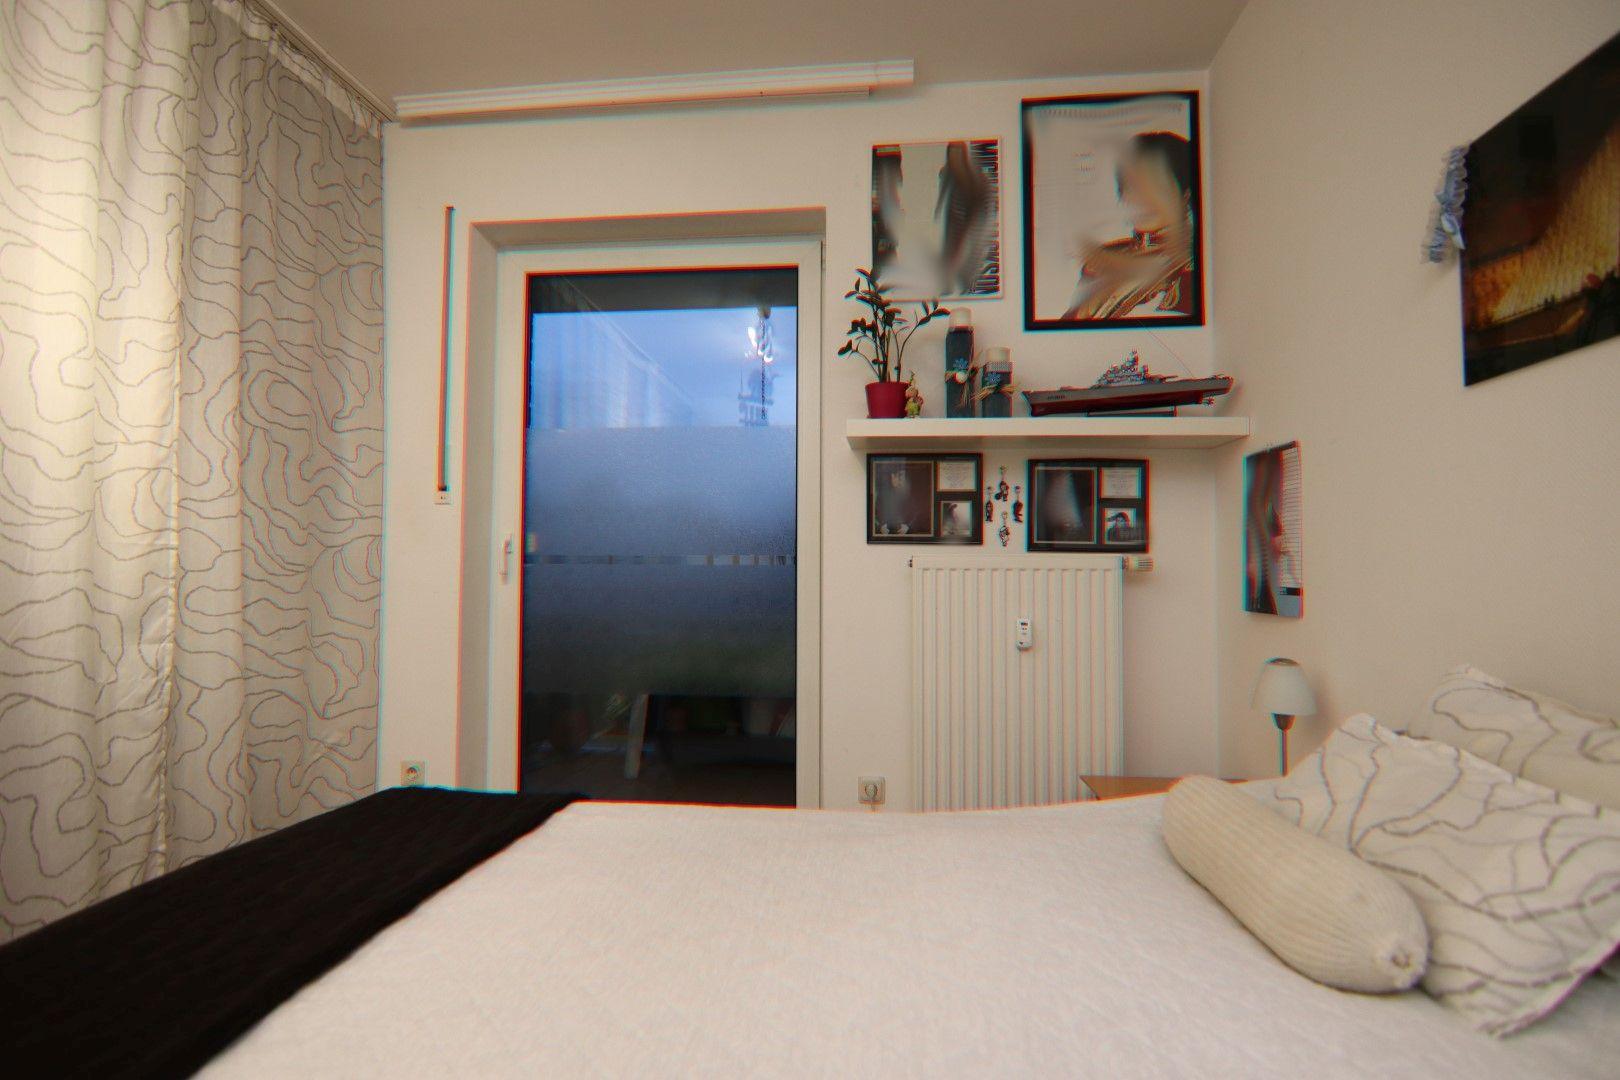 Immobilie Nr.0288 - 4 Zimmer EG-Wohnung mit 2 Bädern und 2 Balkonen - Bild 13.jpg